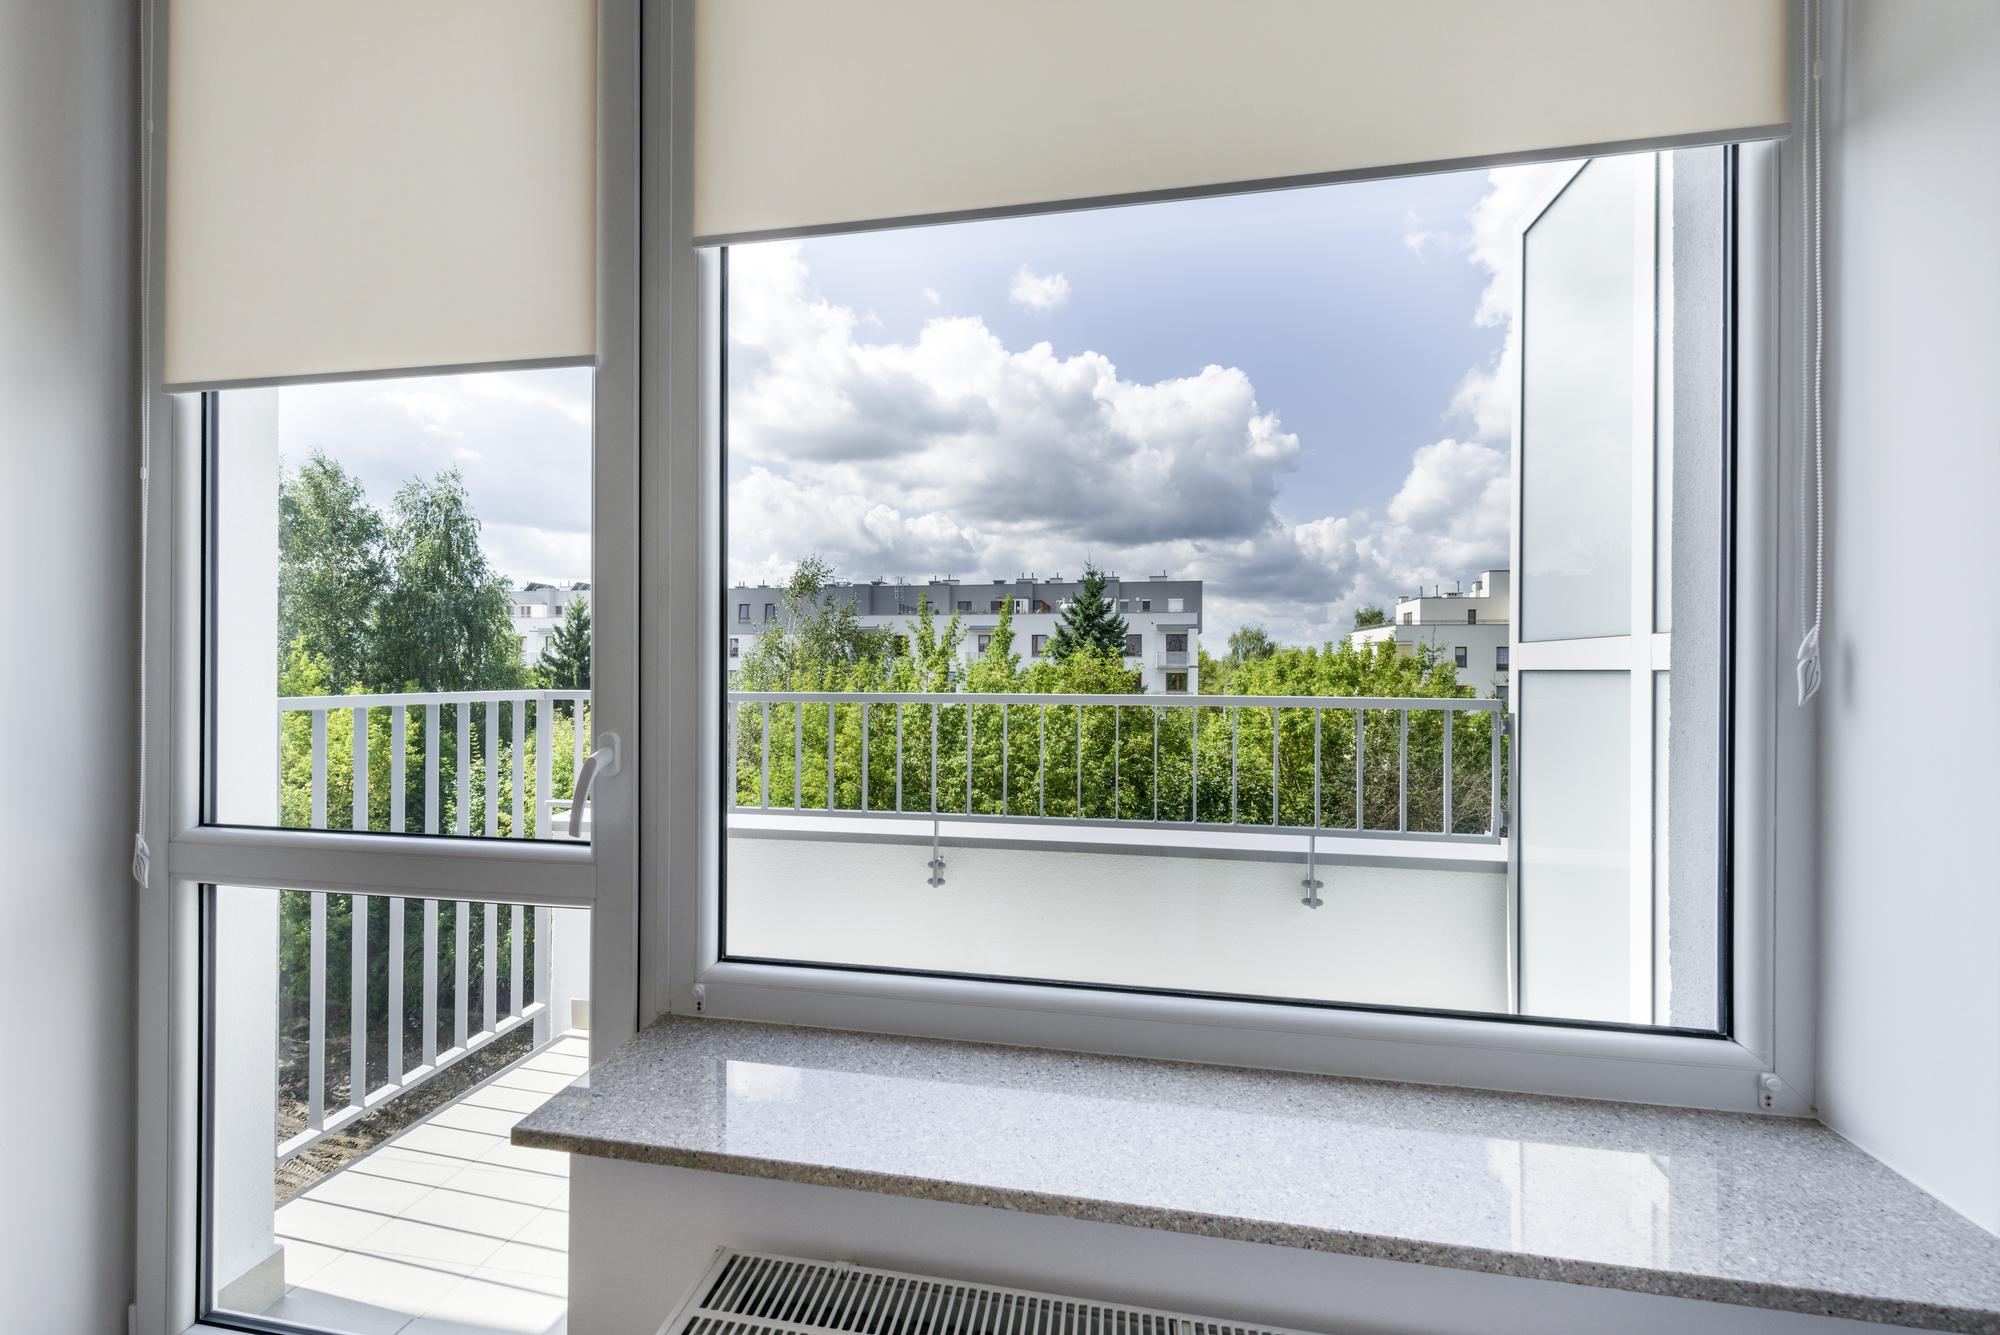 les coefficients solaires et lumineux d une fen tre internorm. Black Bedroom Furniture Sets. Home Design Ideas